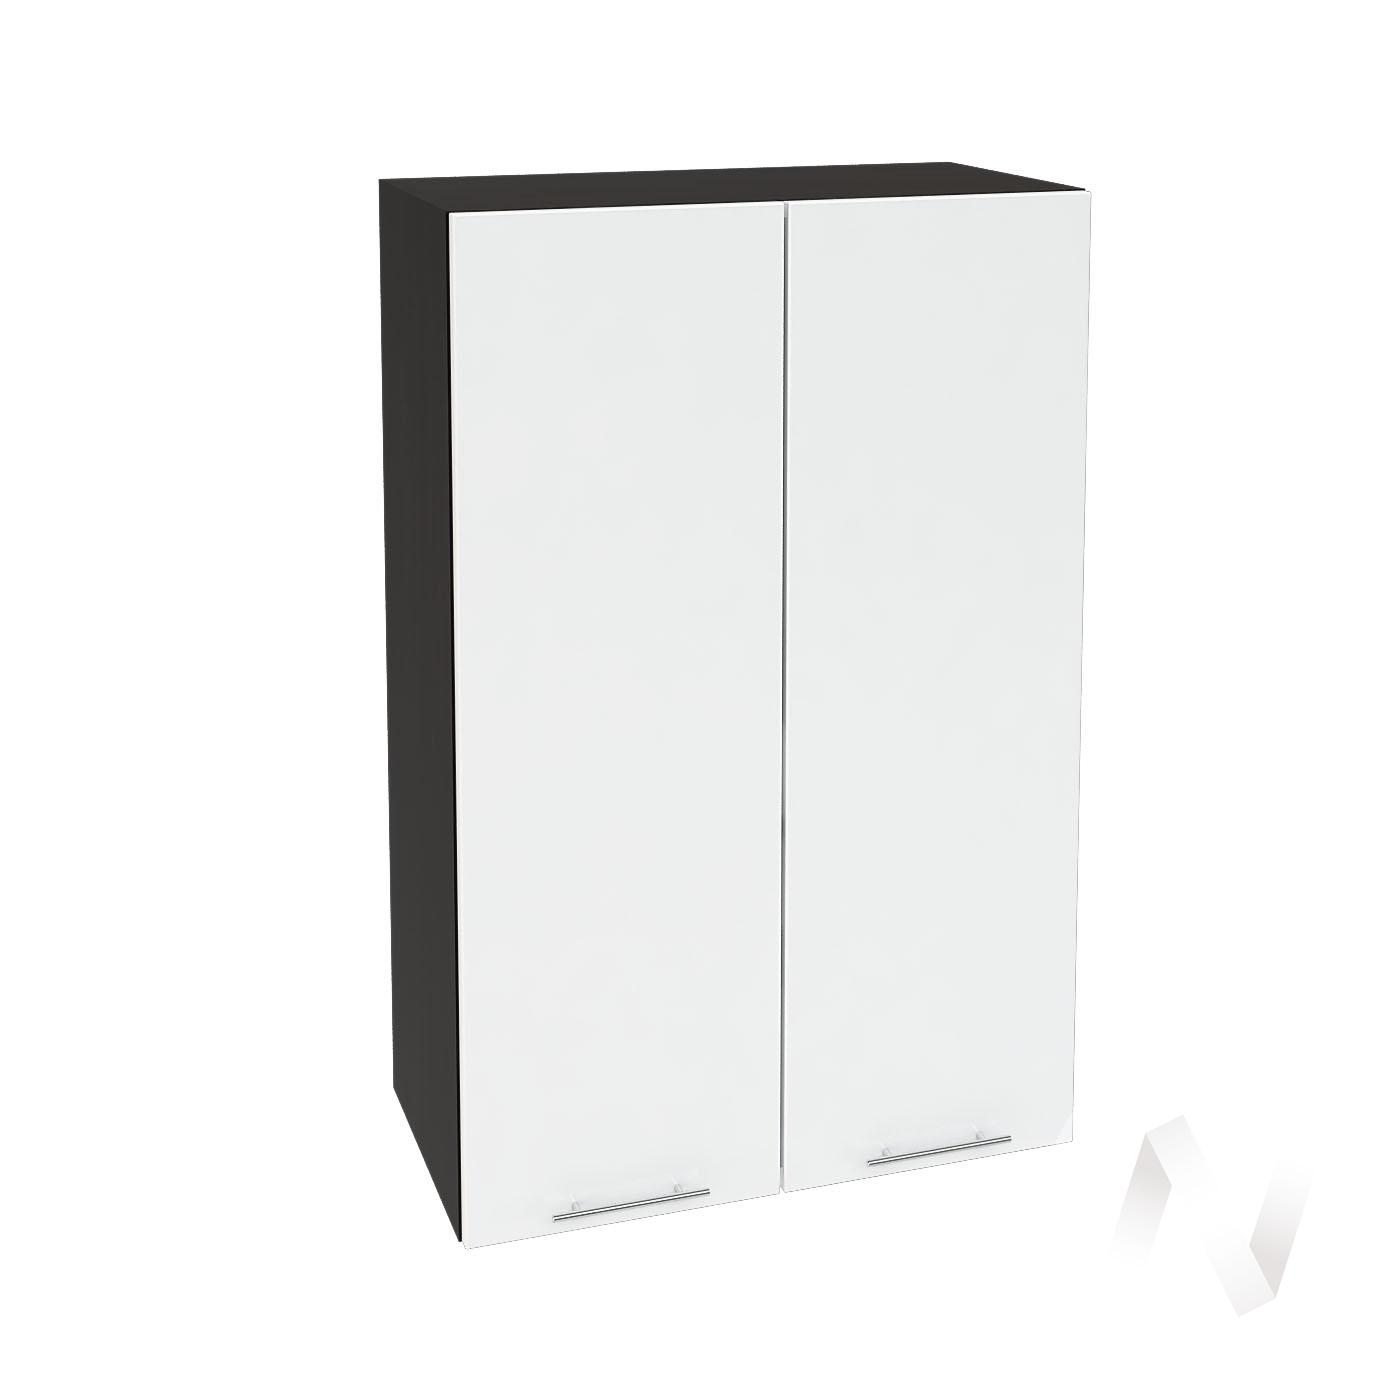 """Кухня """"Валерия-М"""": Шкаф верхний 609, ШВ 609 (белый глянец/корпус венге)"""